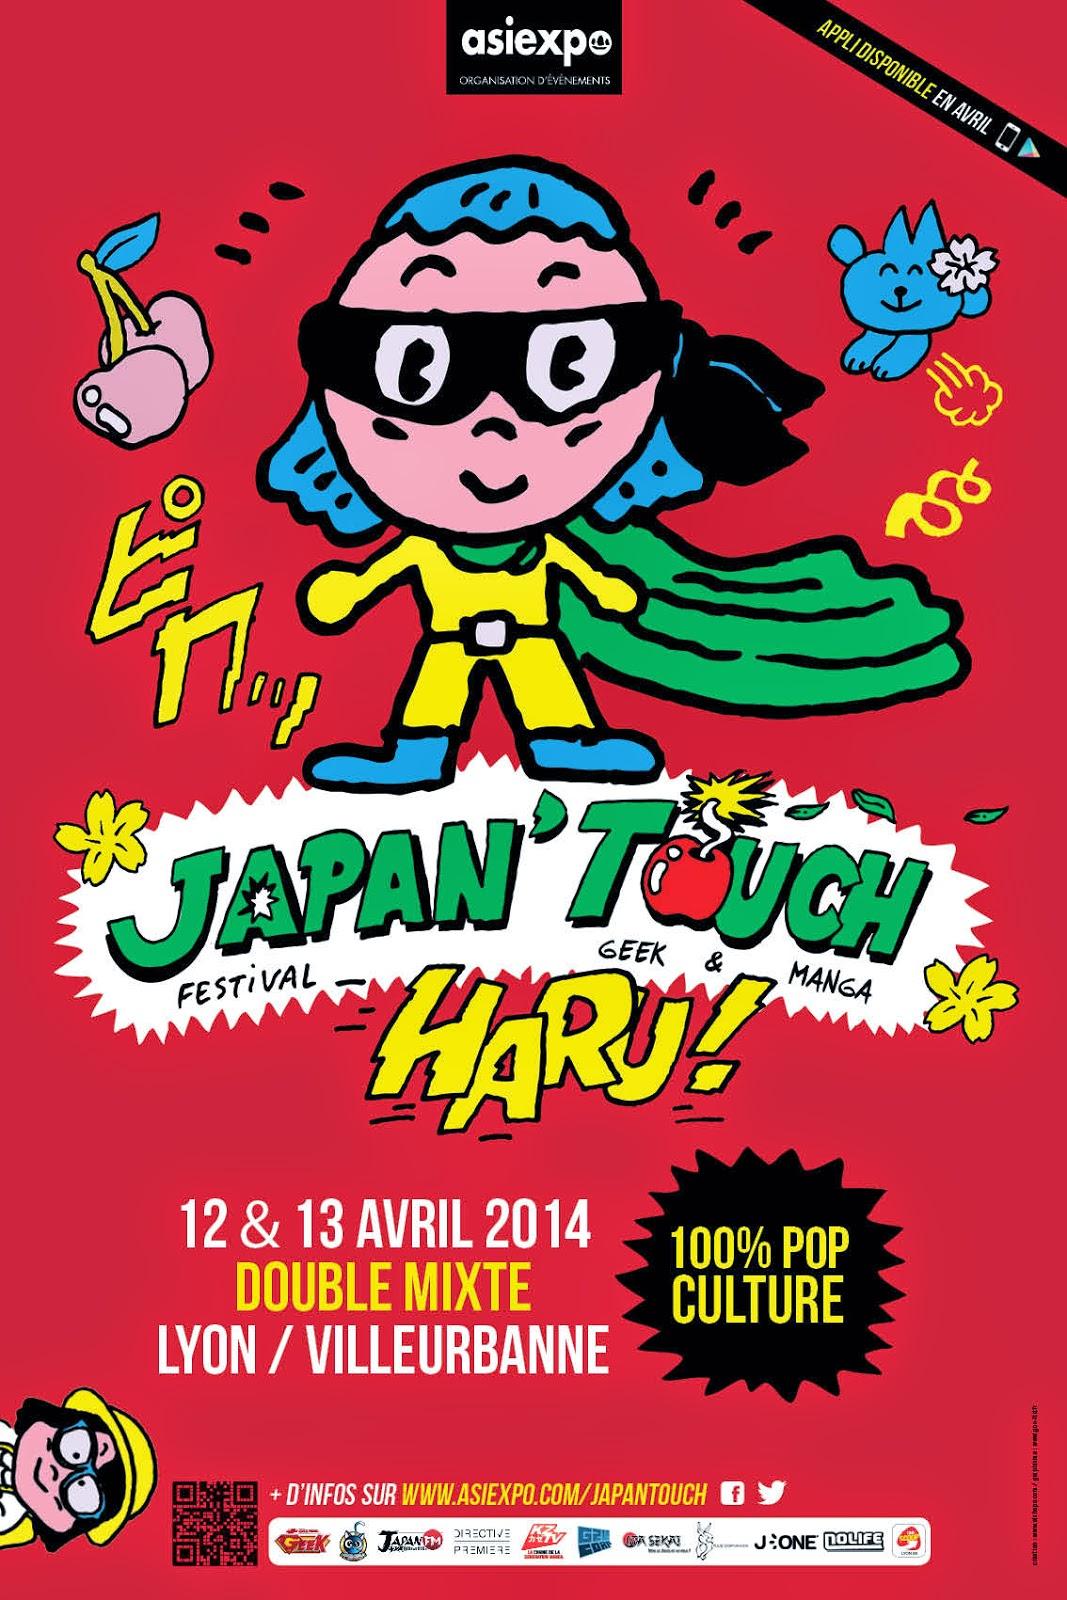 affiche de la convention haru japan touch